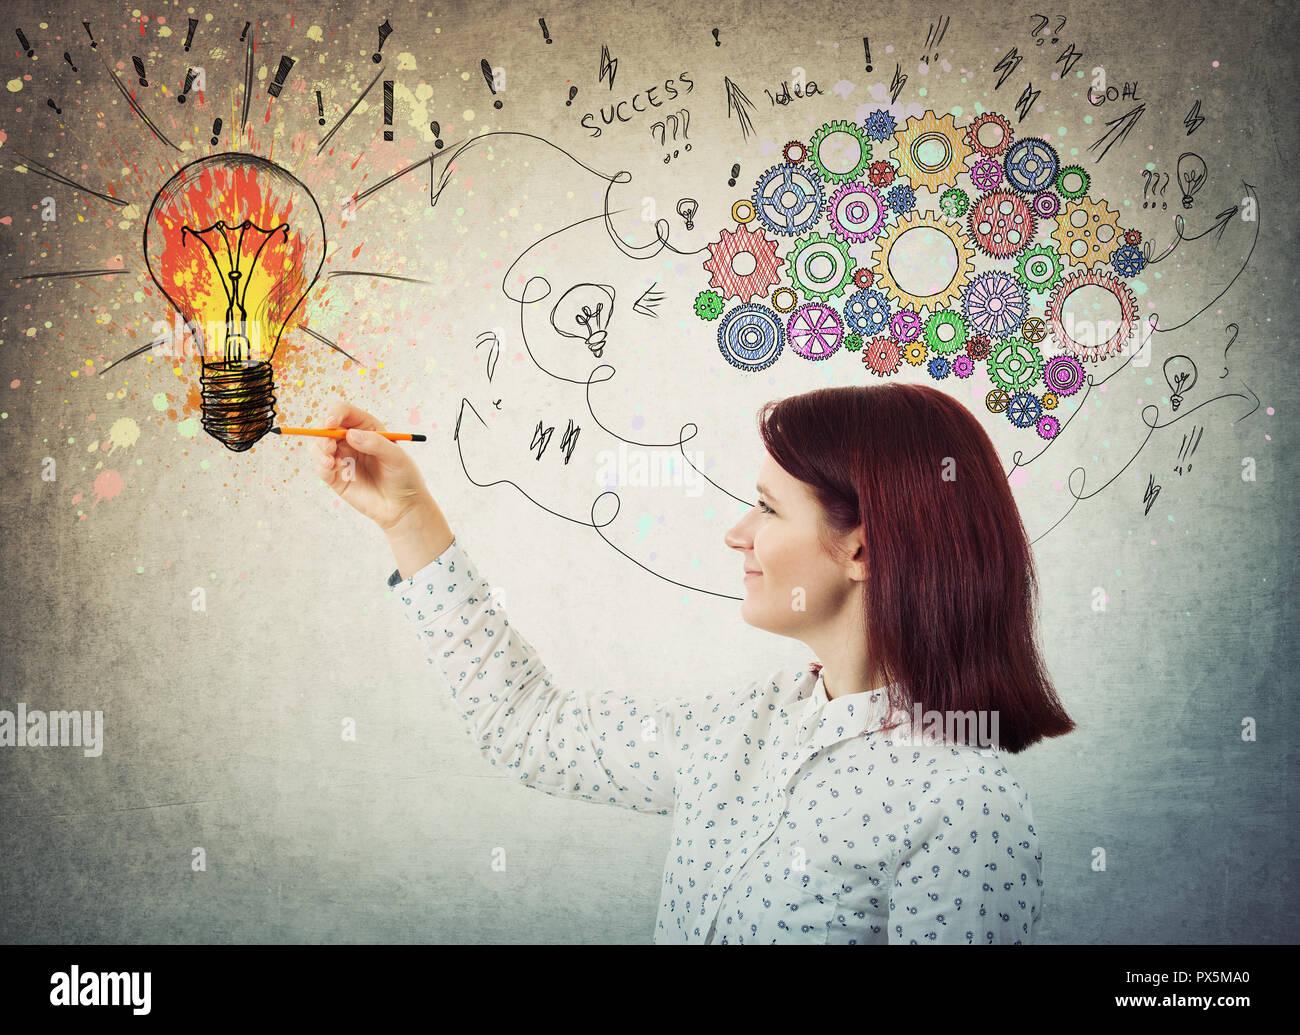 Junge Frau mit bunten Gang Gehirn über dem Kopf, positive Emotionen, die eine geniale Idee als Pfeile und Kurven zu einer Farbe splash Lampe geht. Konz Stockbild